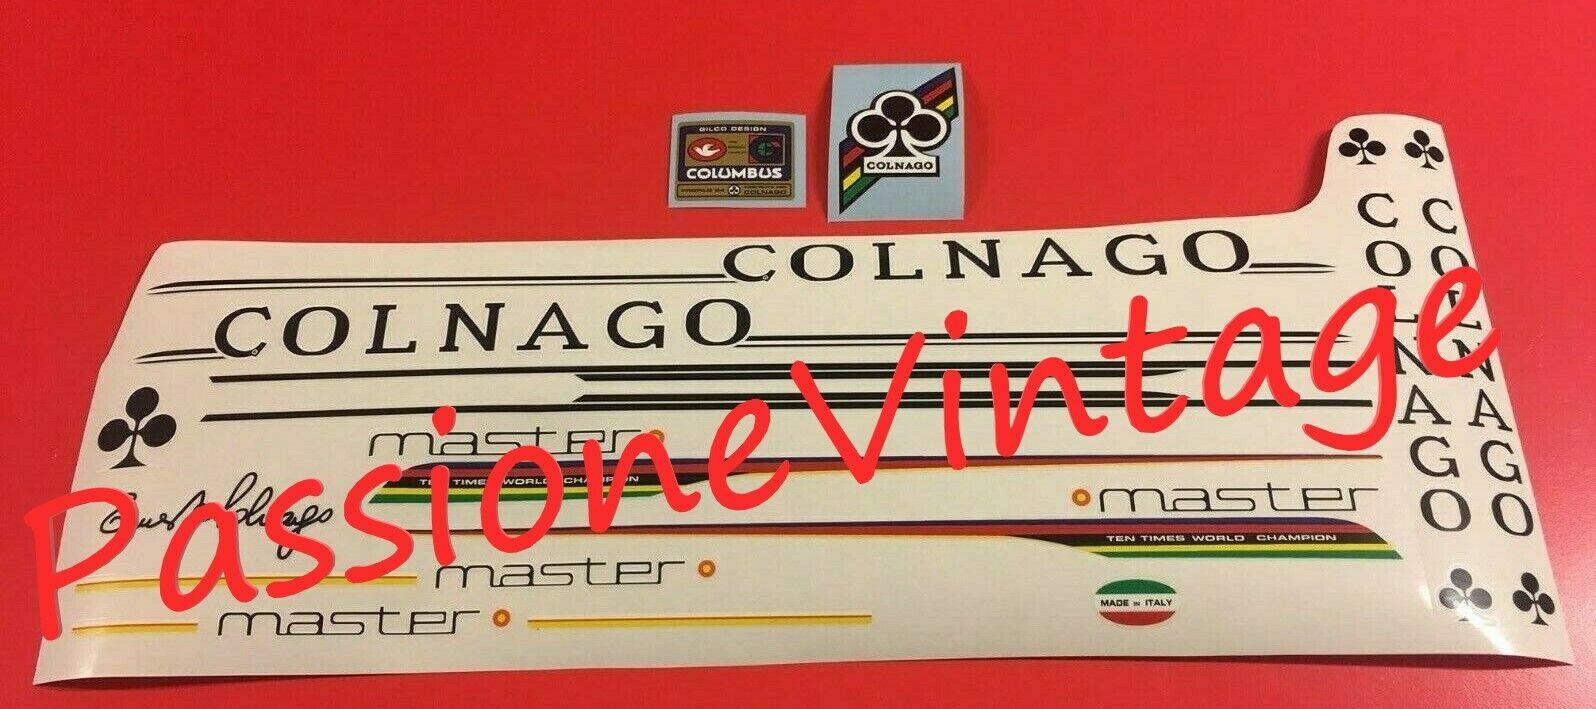 COLNAGO MASTER del 1987 Gilco kit decalcouomoieadesivistickers